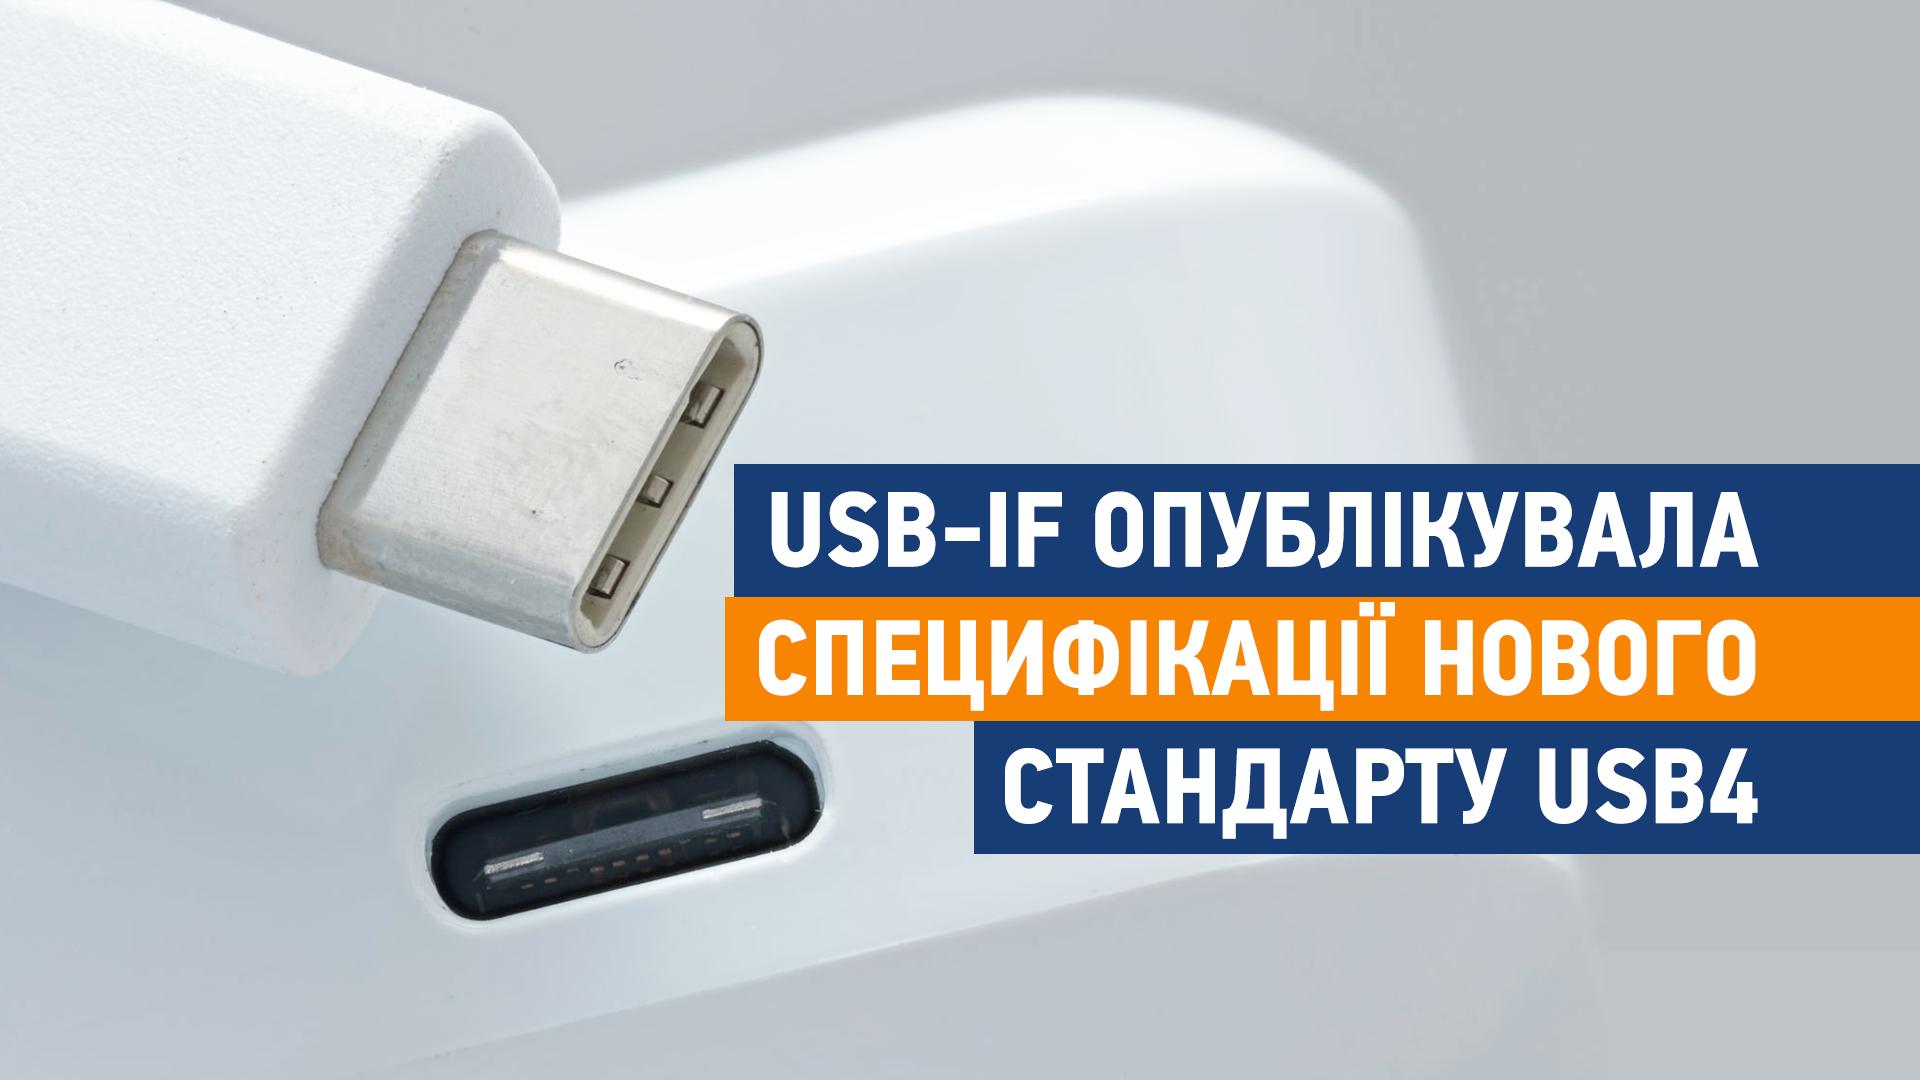 USB-IF опублікувала специфікації нового стандарту USB4